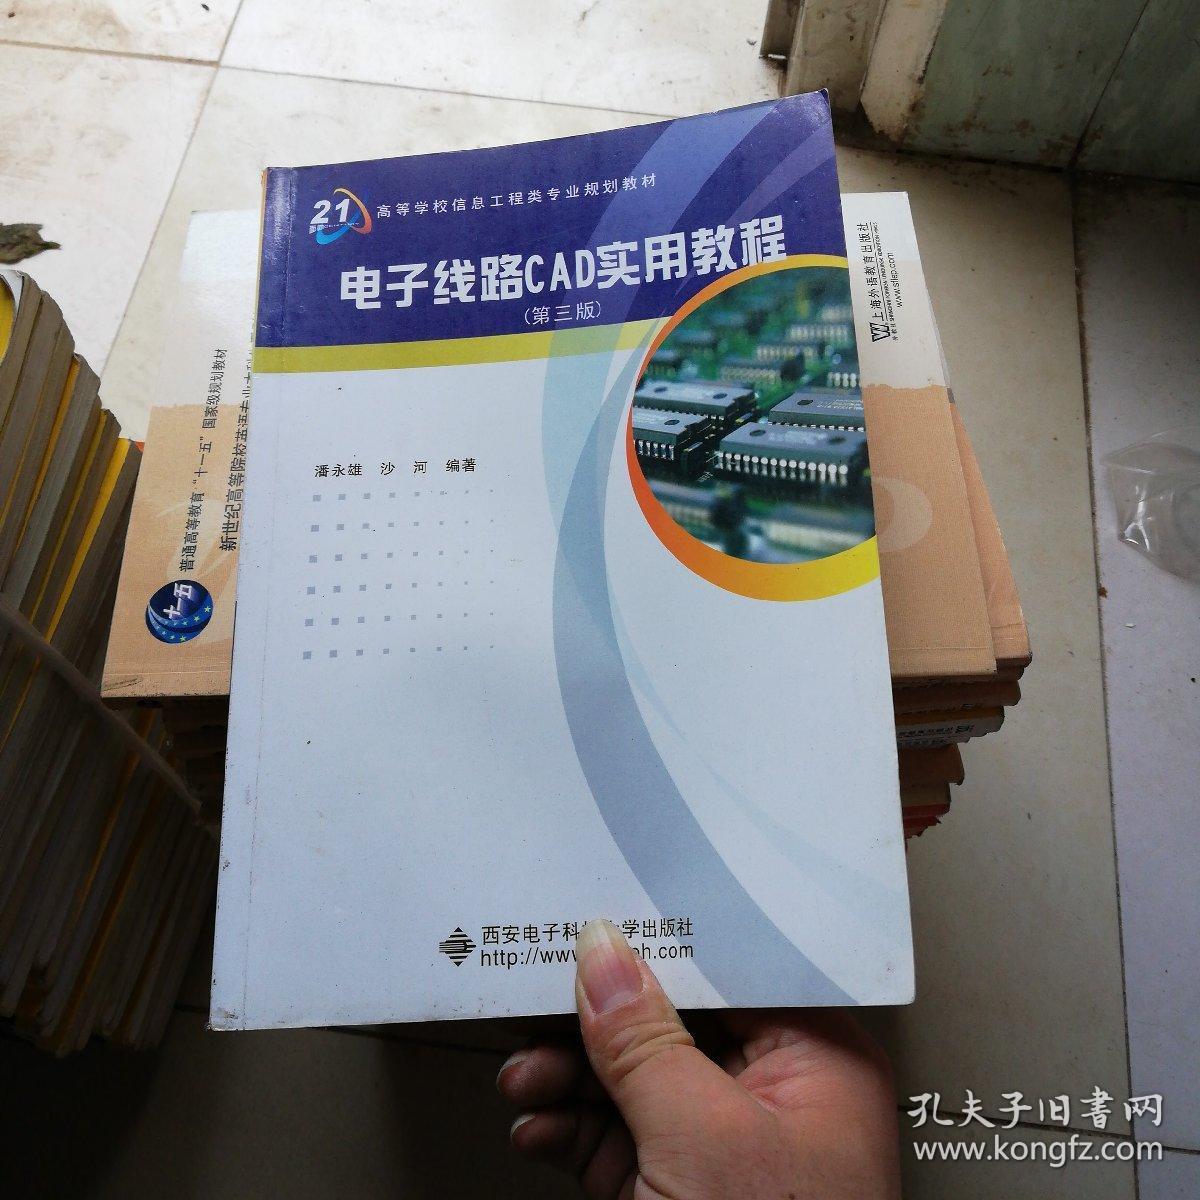 4 退耦电容的画法  习题  第4章 电路仿真测试  ……  第5章 印制电路